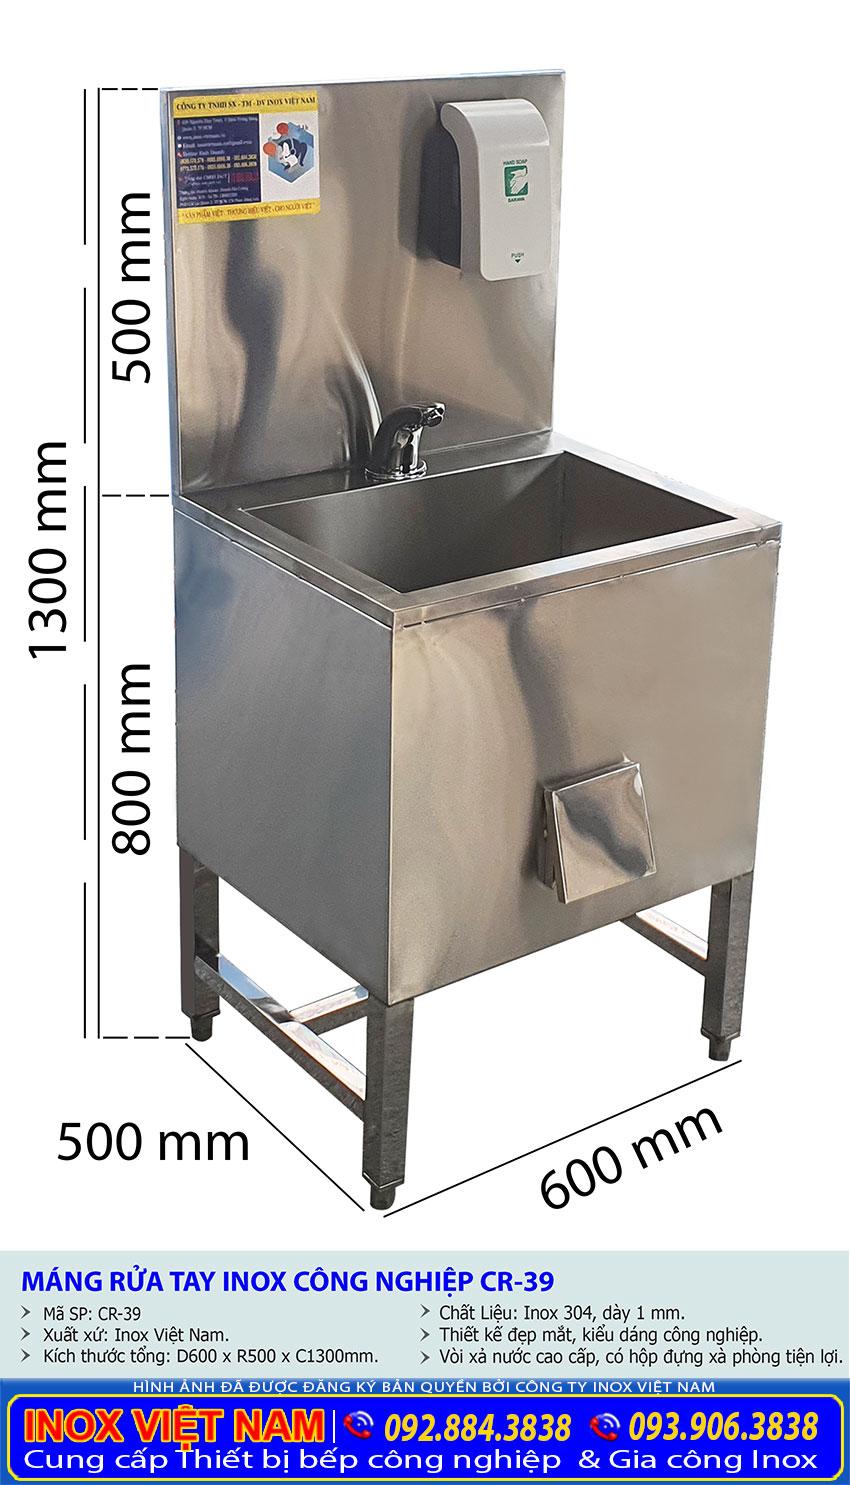 kích thước chậu rửa tay inox đơn CR-39